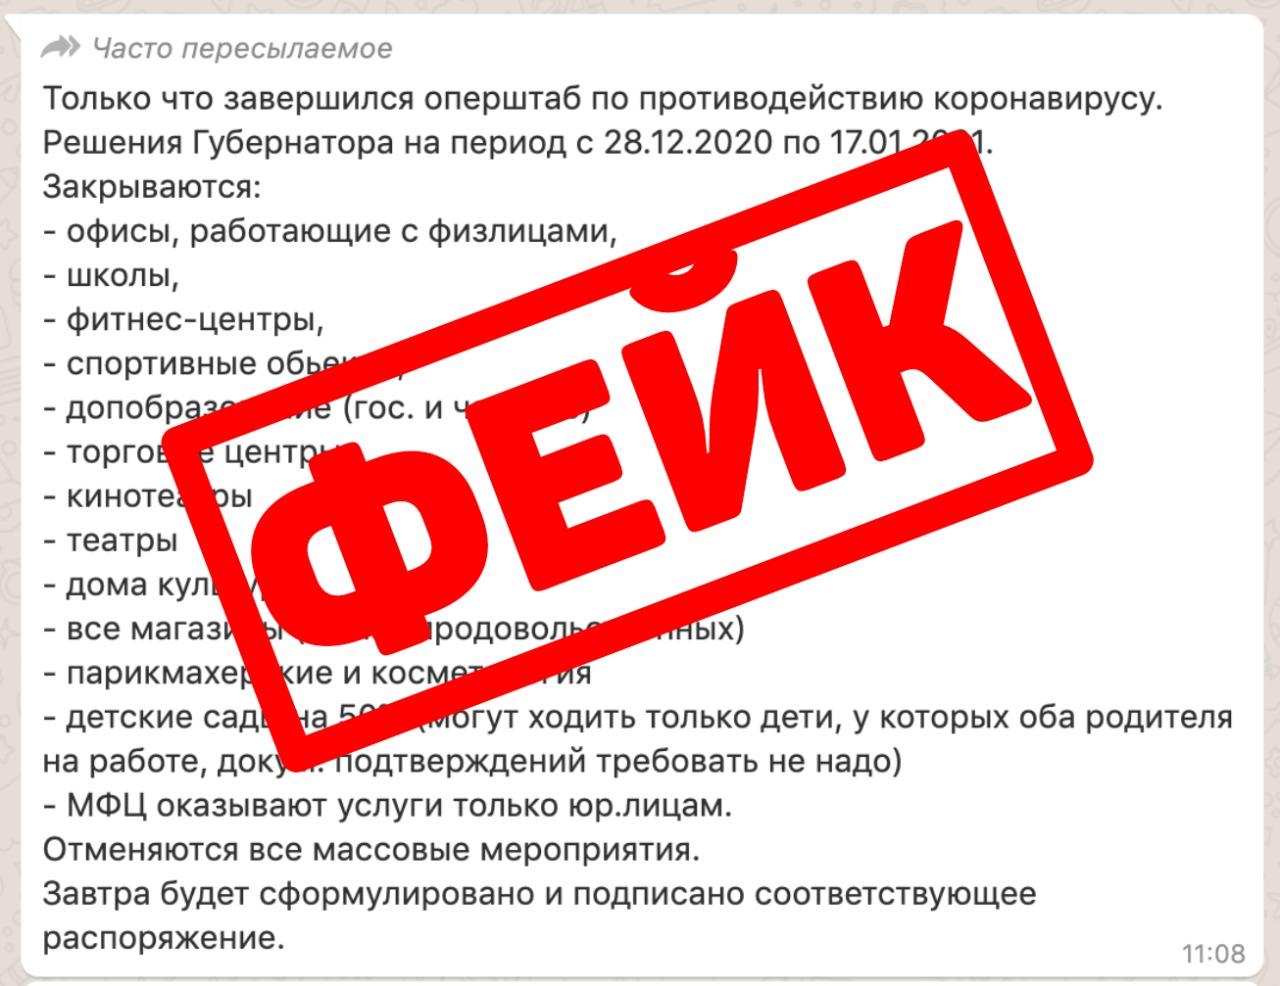 В мессенджерах жителей Тверской области распространяется фейк о готовящемся локдауне